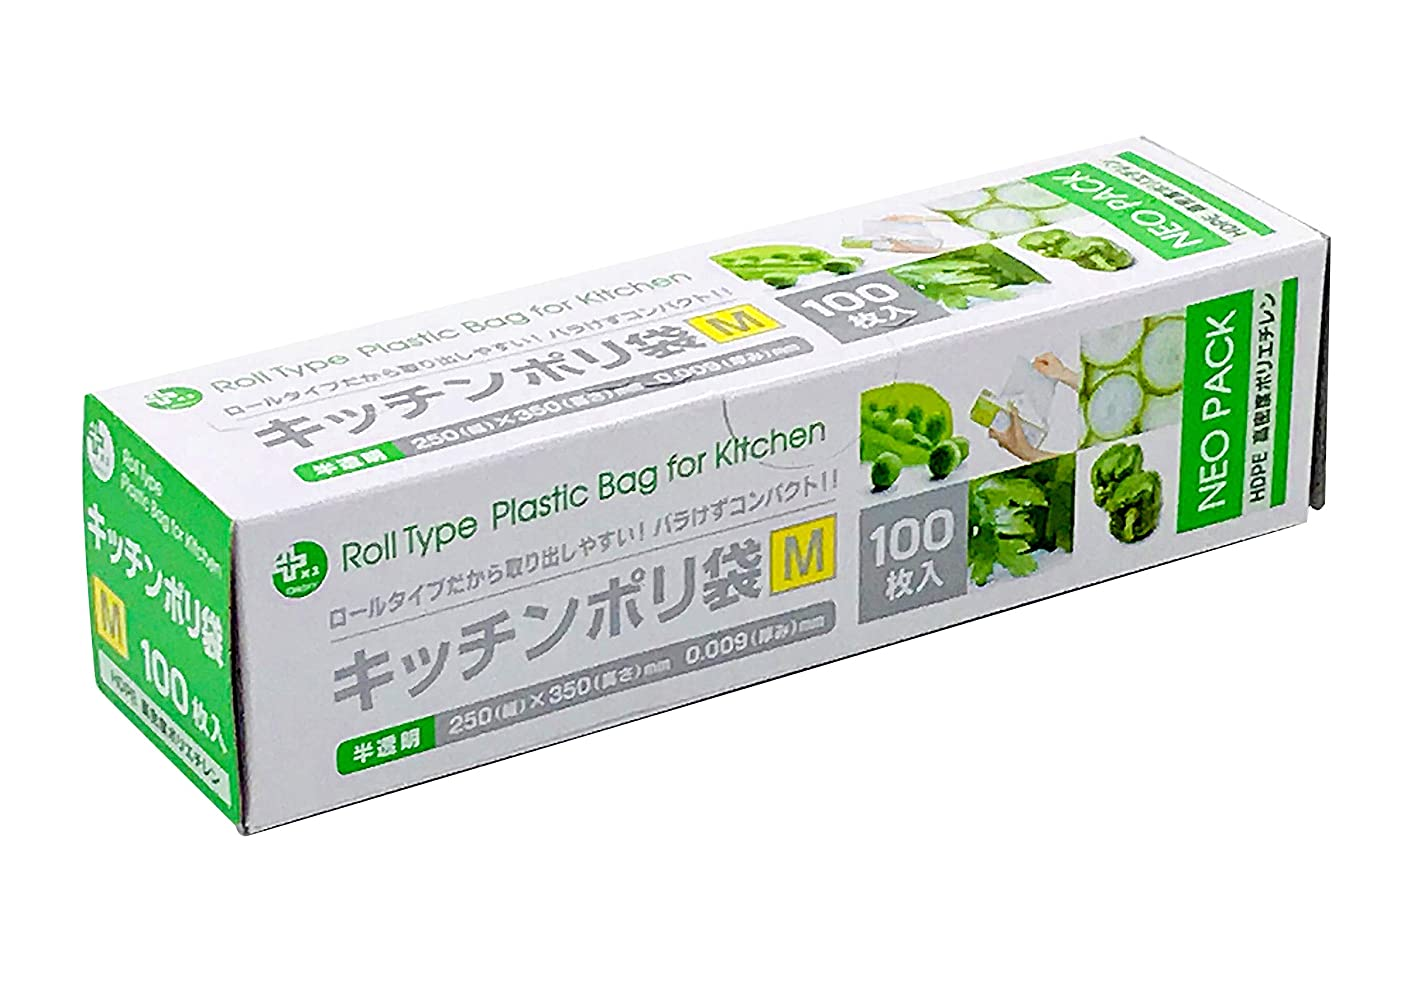 オルディ キッチンポリ袋 プラスプラス BOX M 100枚 半透明 約25×35cm 厚さ0.009mm PP-RPK-HDM